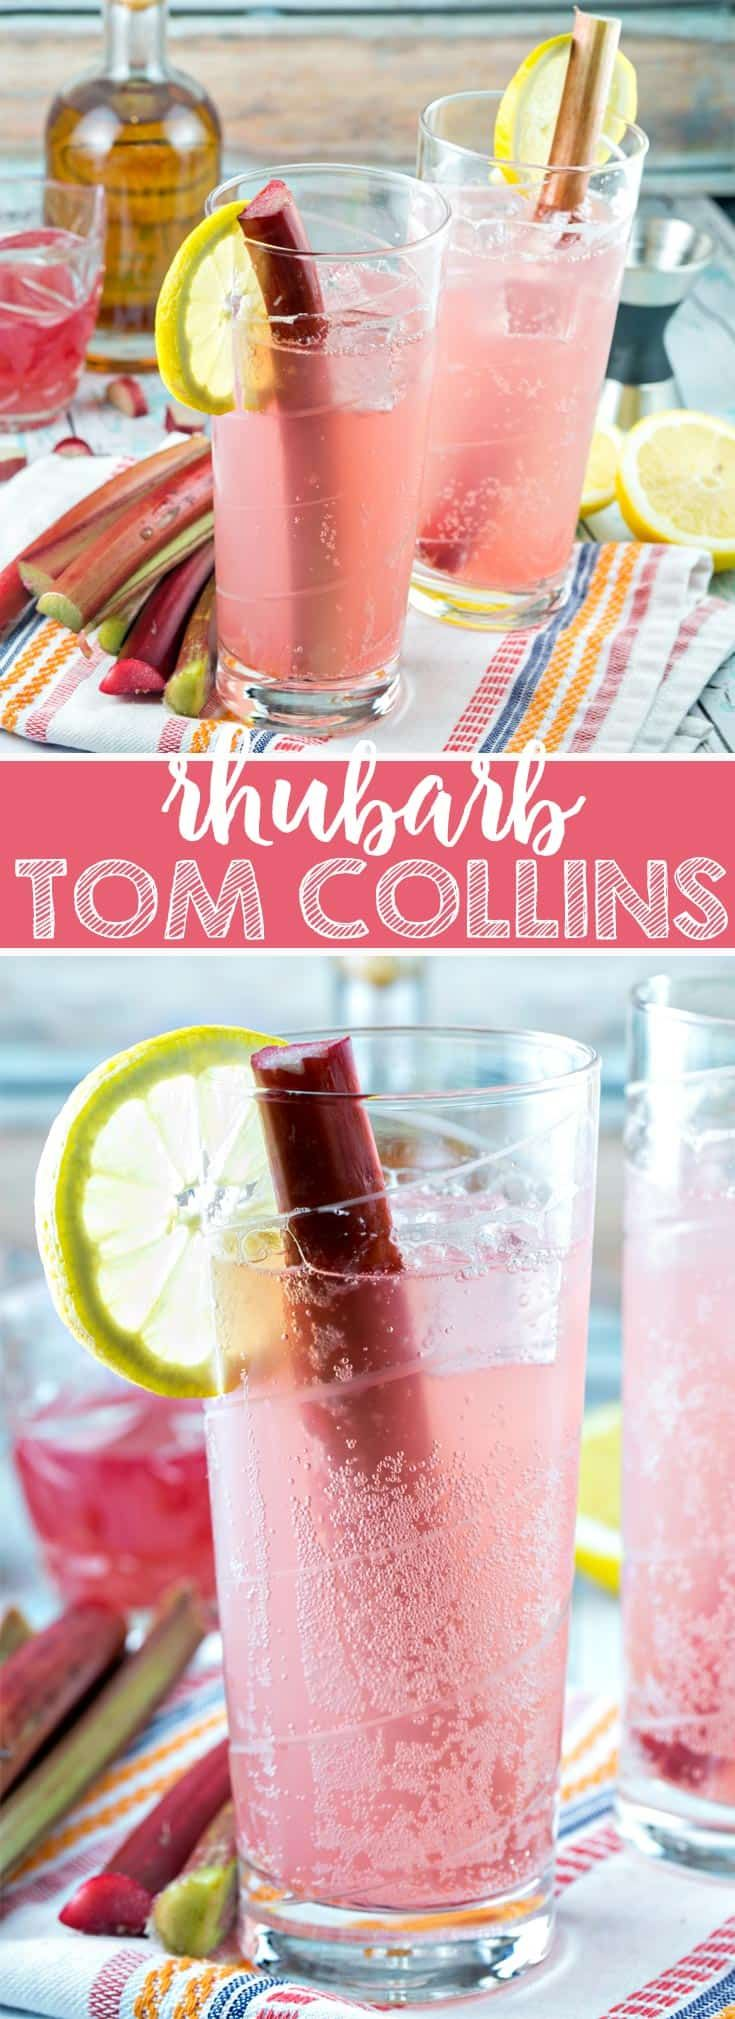 Rhubarb Tom Collins